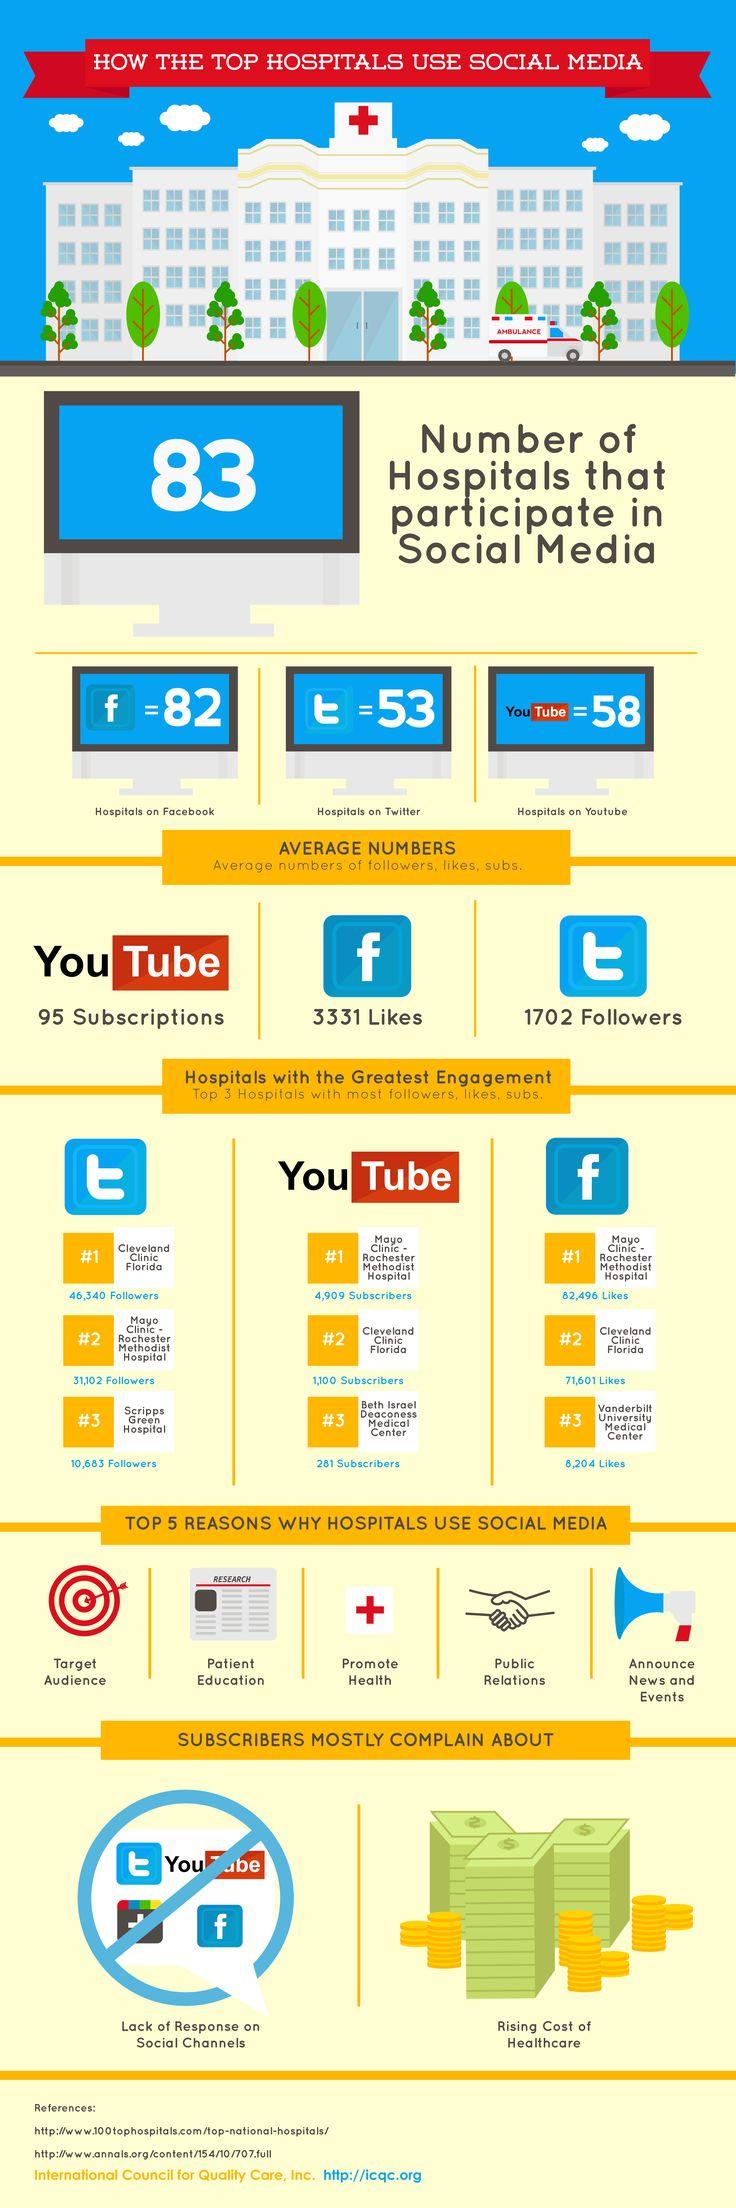 How Top 100 Hospitals use Social Media #hcsm #futurofhealth